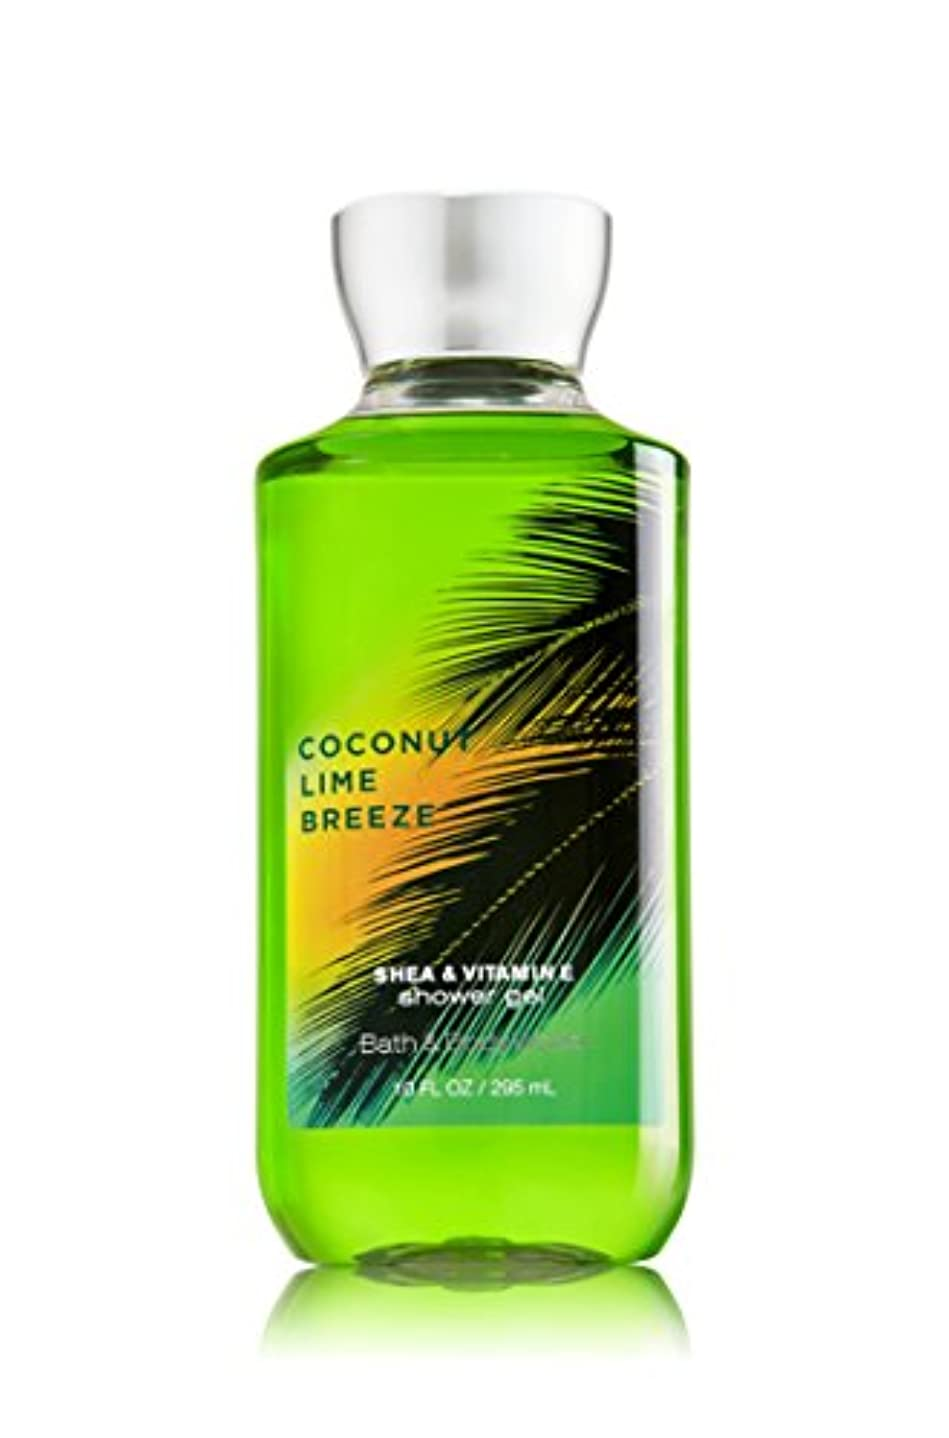 入口経済的うめき声バス&ボディワークス ココナッツライムブリーズ シャワージェル Coconut Lime Breeze Shower Gel [海外直送品]